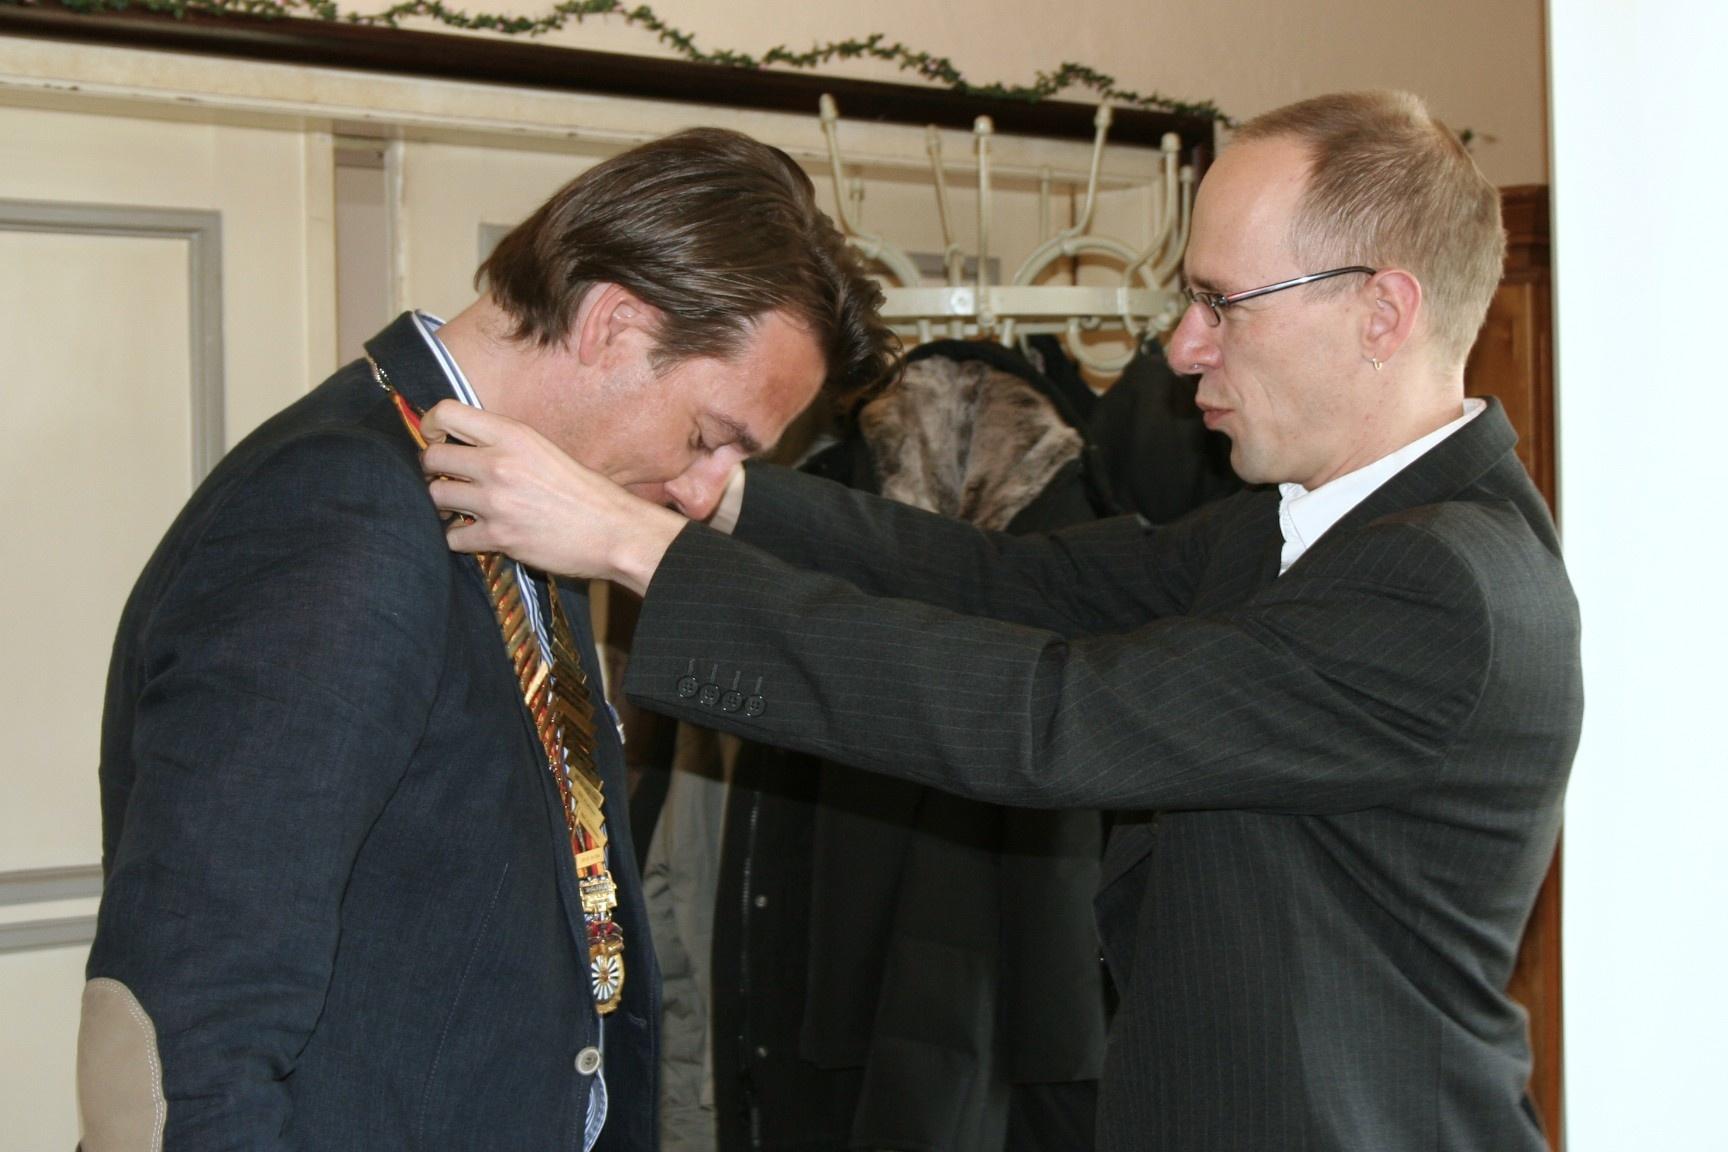 Auf dem Foto übergibt der alte Präsident (Stefan Hoffmann) dem neuen Präsident (Guido Schöttler-Leffers) die Amtskette.